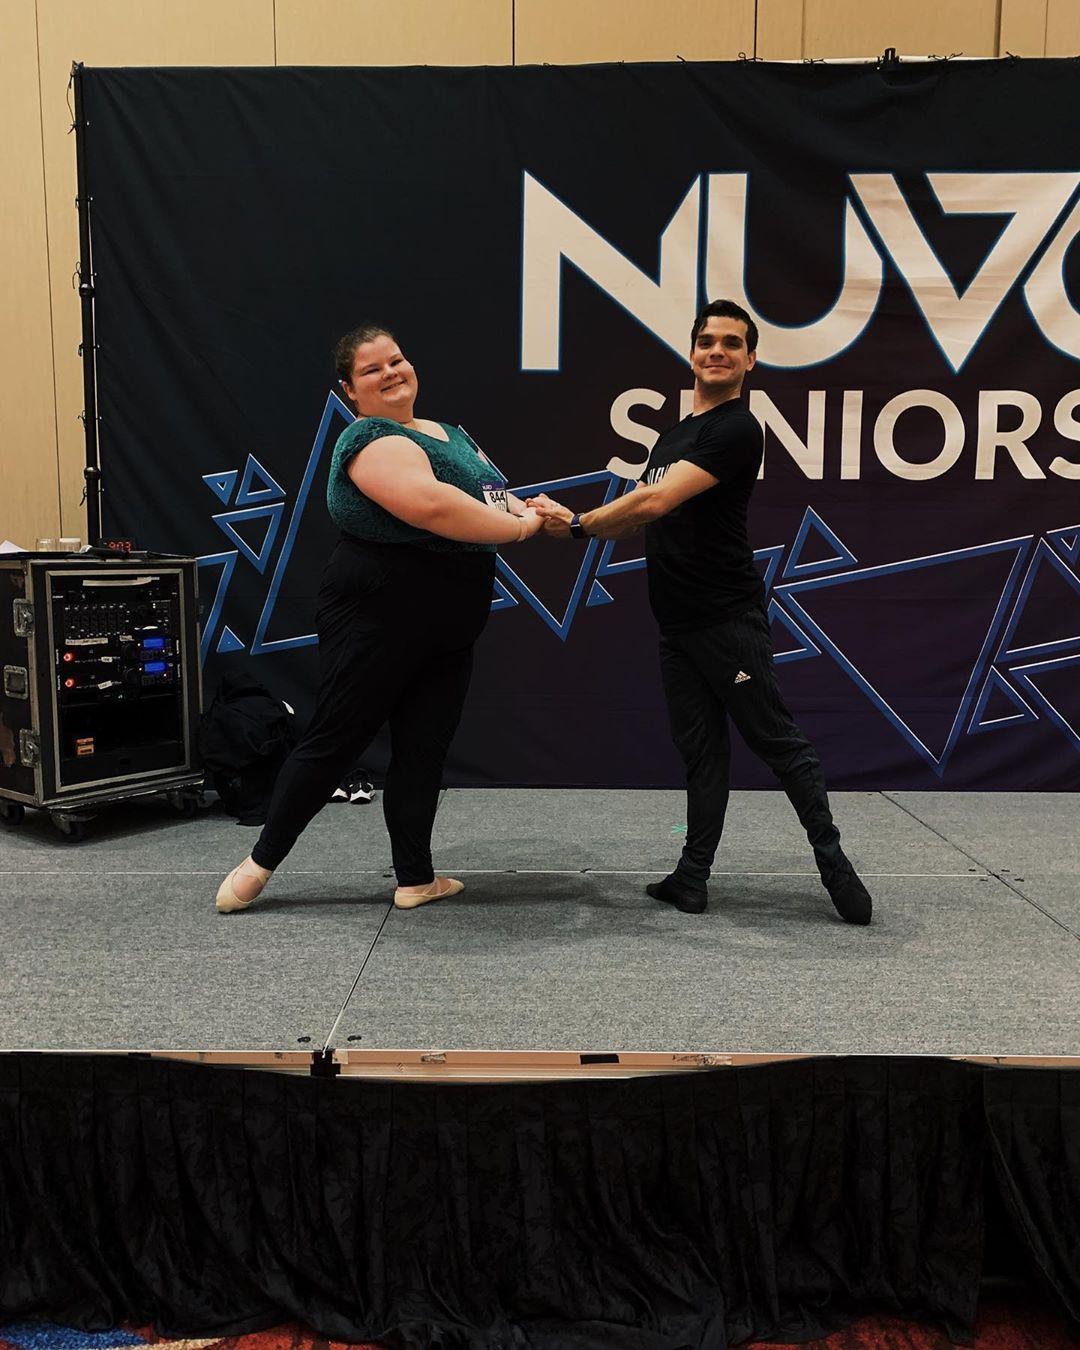 Нестандартная балерина покоряет своими танцами поклонников